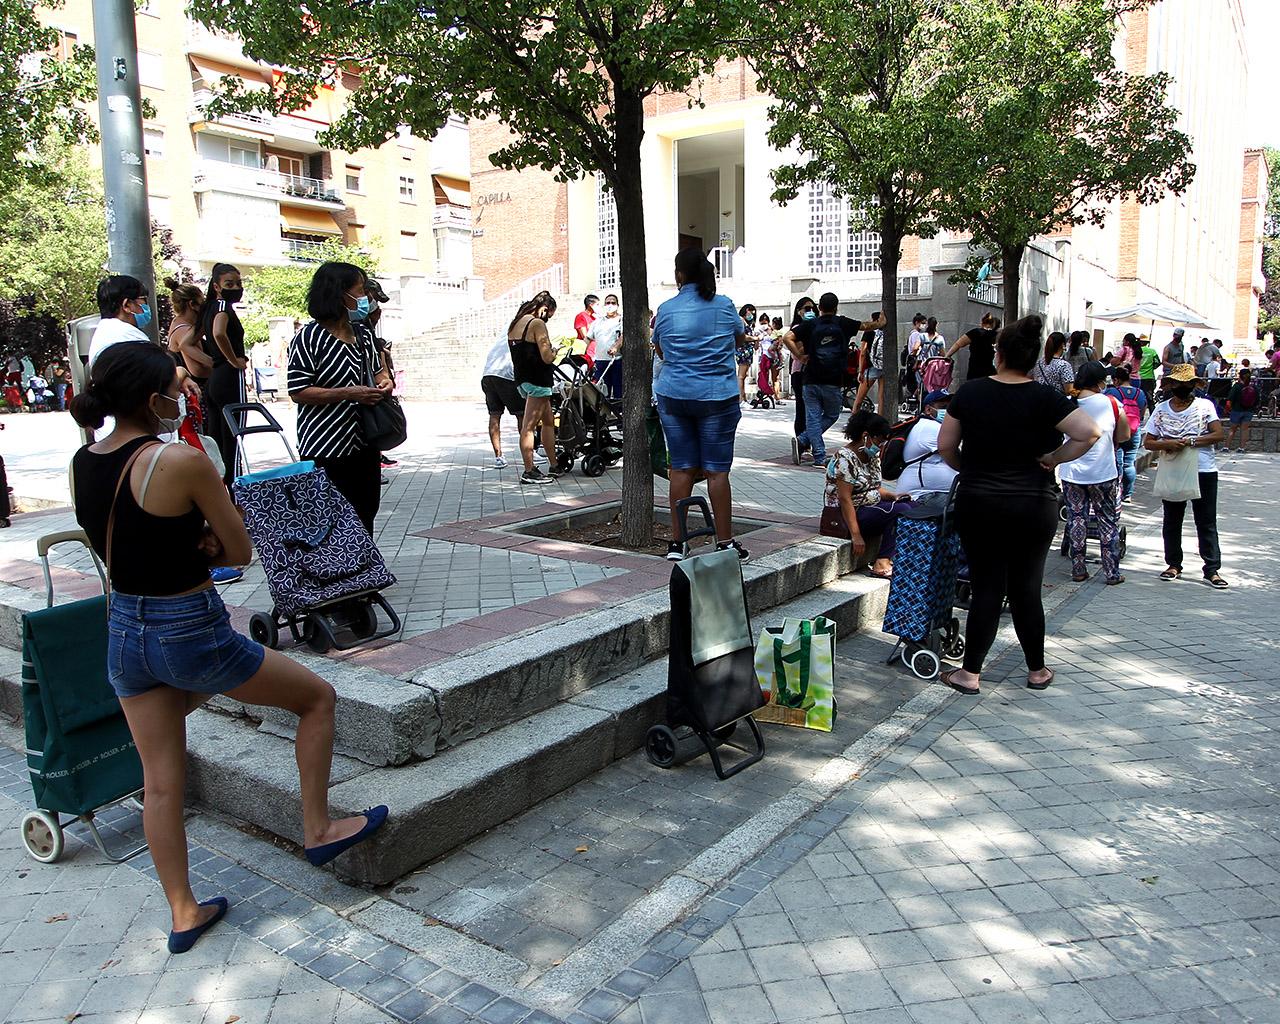 Colas del hambre. Decenas de personas esperan para recoger alimentos en una parroquia en el barrio de Tetuán. Madrid. 28/07/2020.